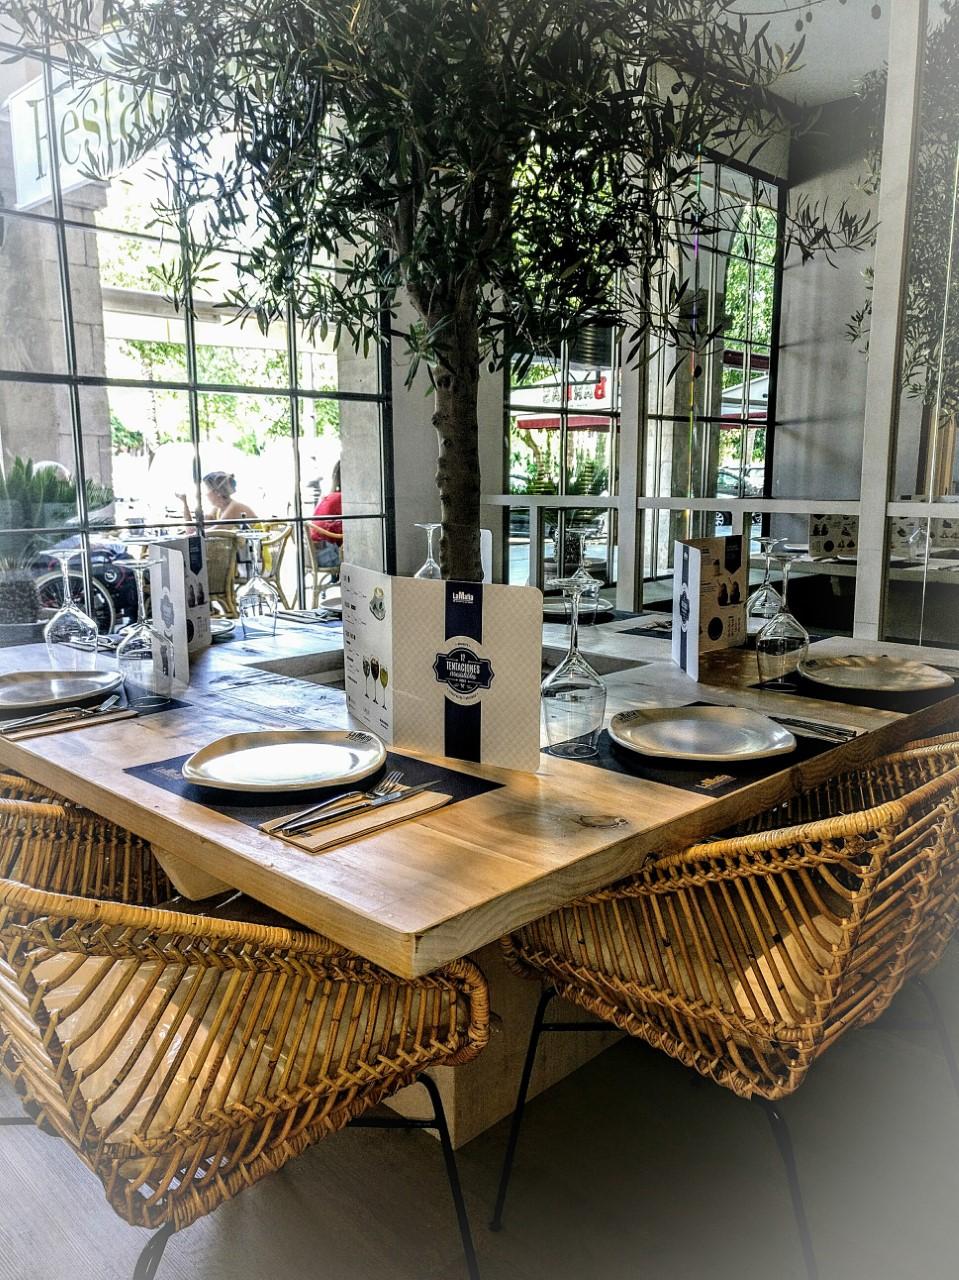 Nueva apertura de La Mafia se sienta a la mesa 2 - La Mafia se sienta a la mesa abrirá en las Islas Canarias su segundo restaurante